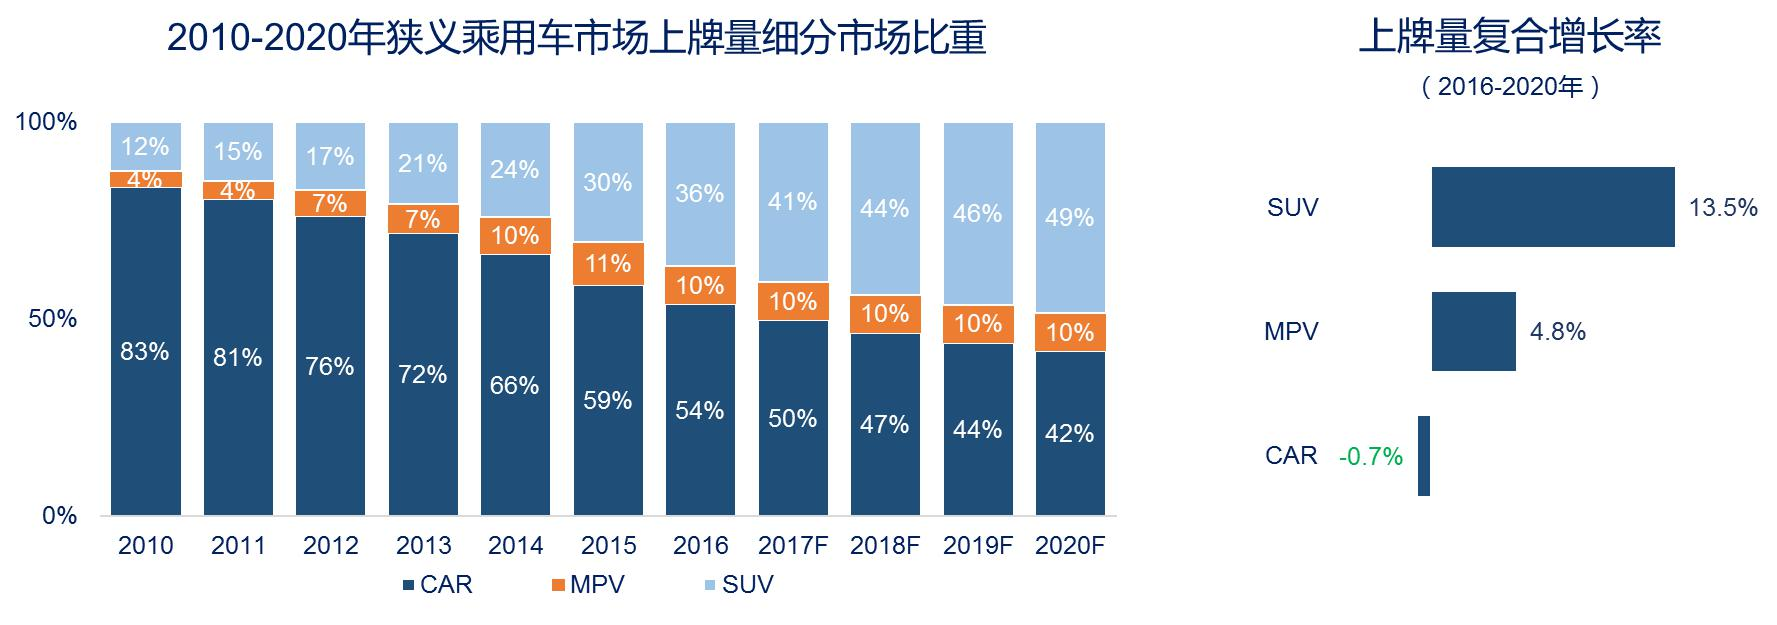 图表2. 中国狭义乘用车细分市场比重